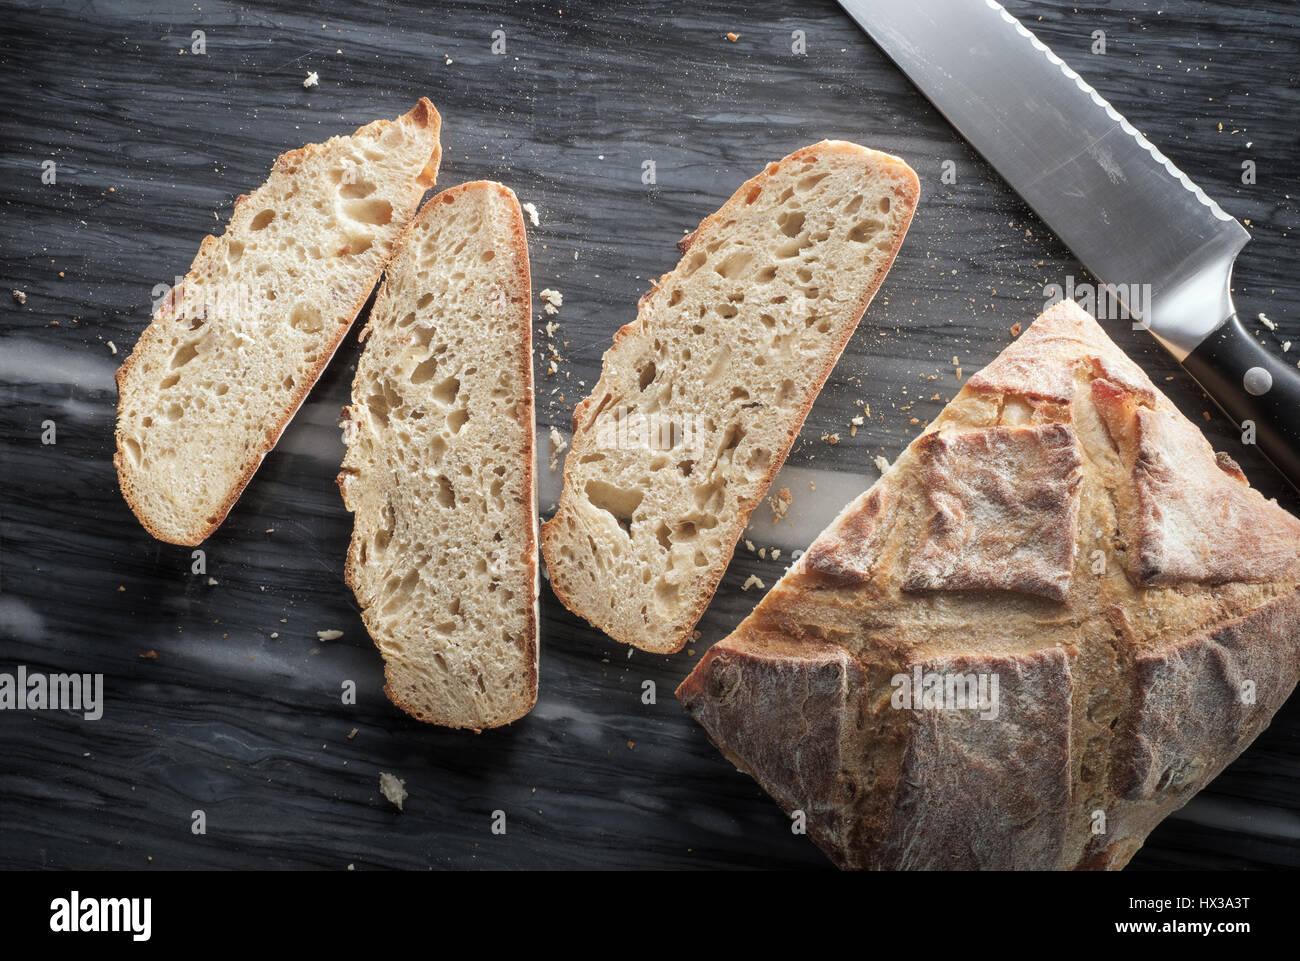 Artisan teilweise geschnitten Brot - von oben Stockbild